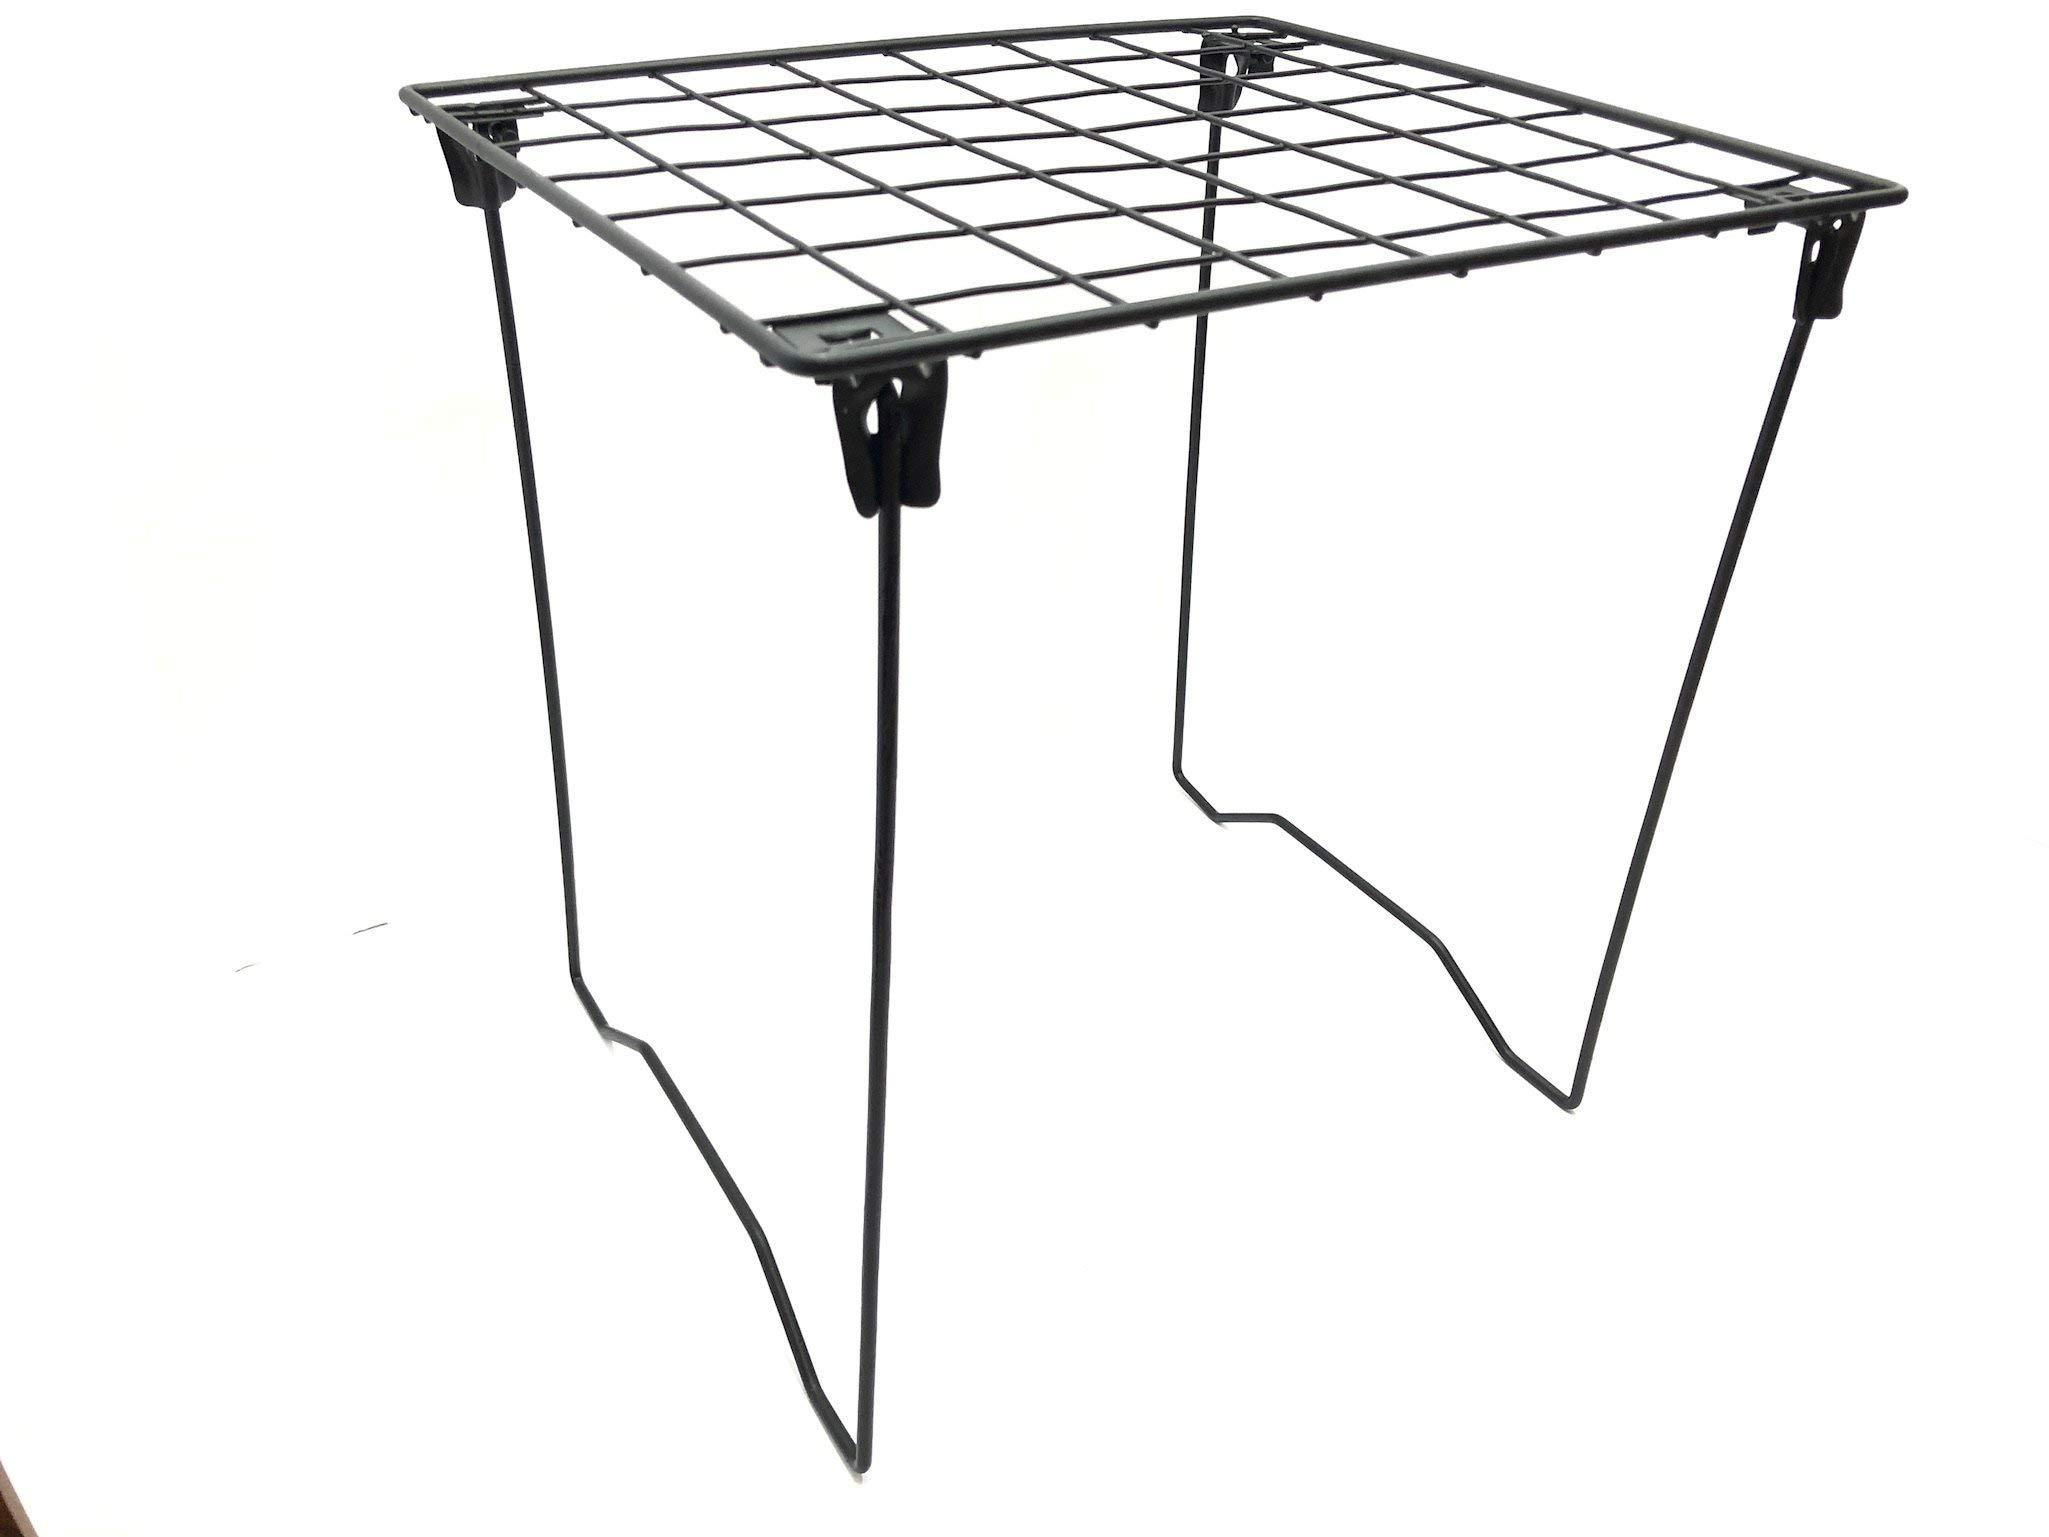 Midnight Black Locker Shelf - Foldable Stac Mate Shelf for Office, Home or School